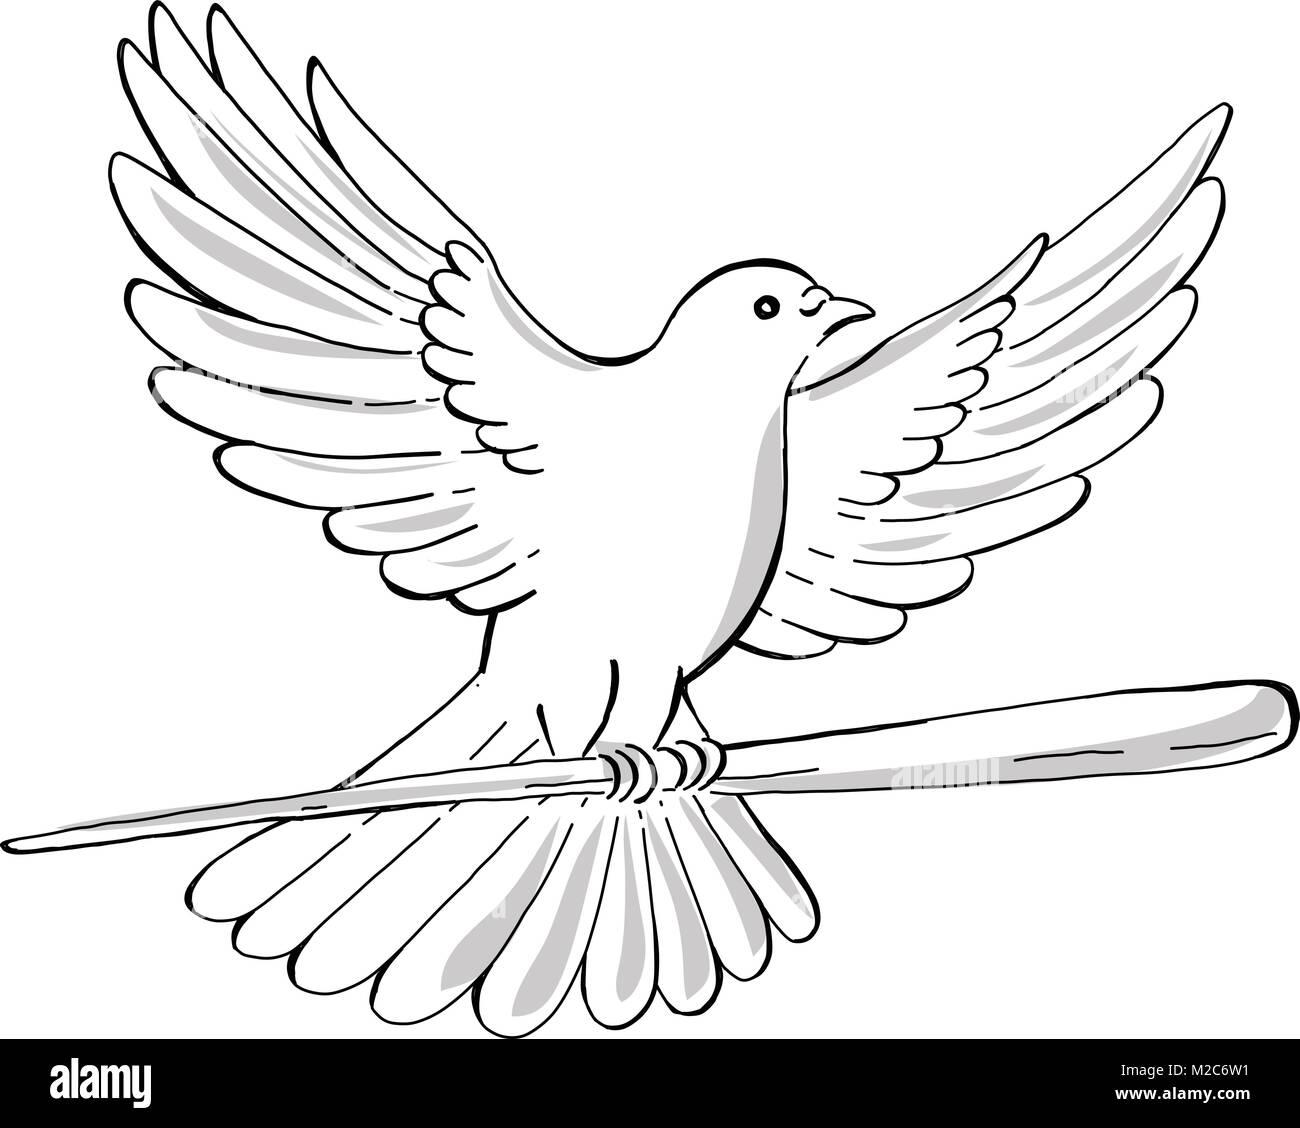 Style Croquis Dessin Illustration Dun Planeur Aile De Pigeon Ou